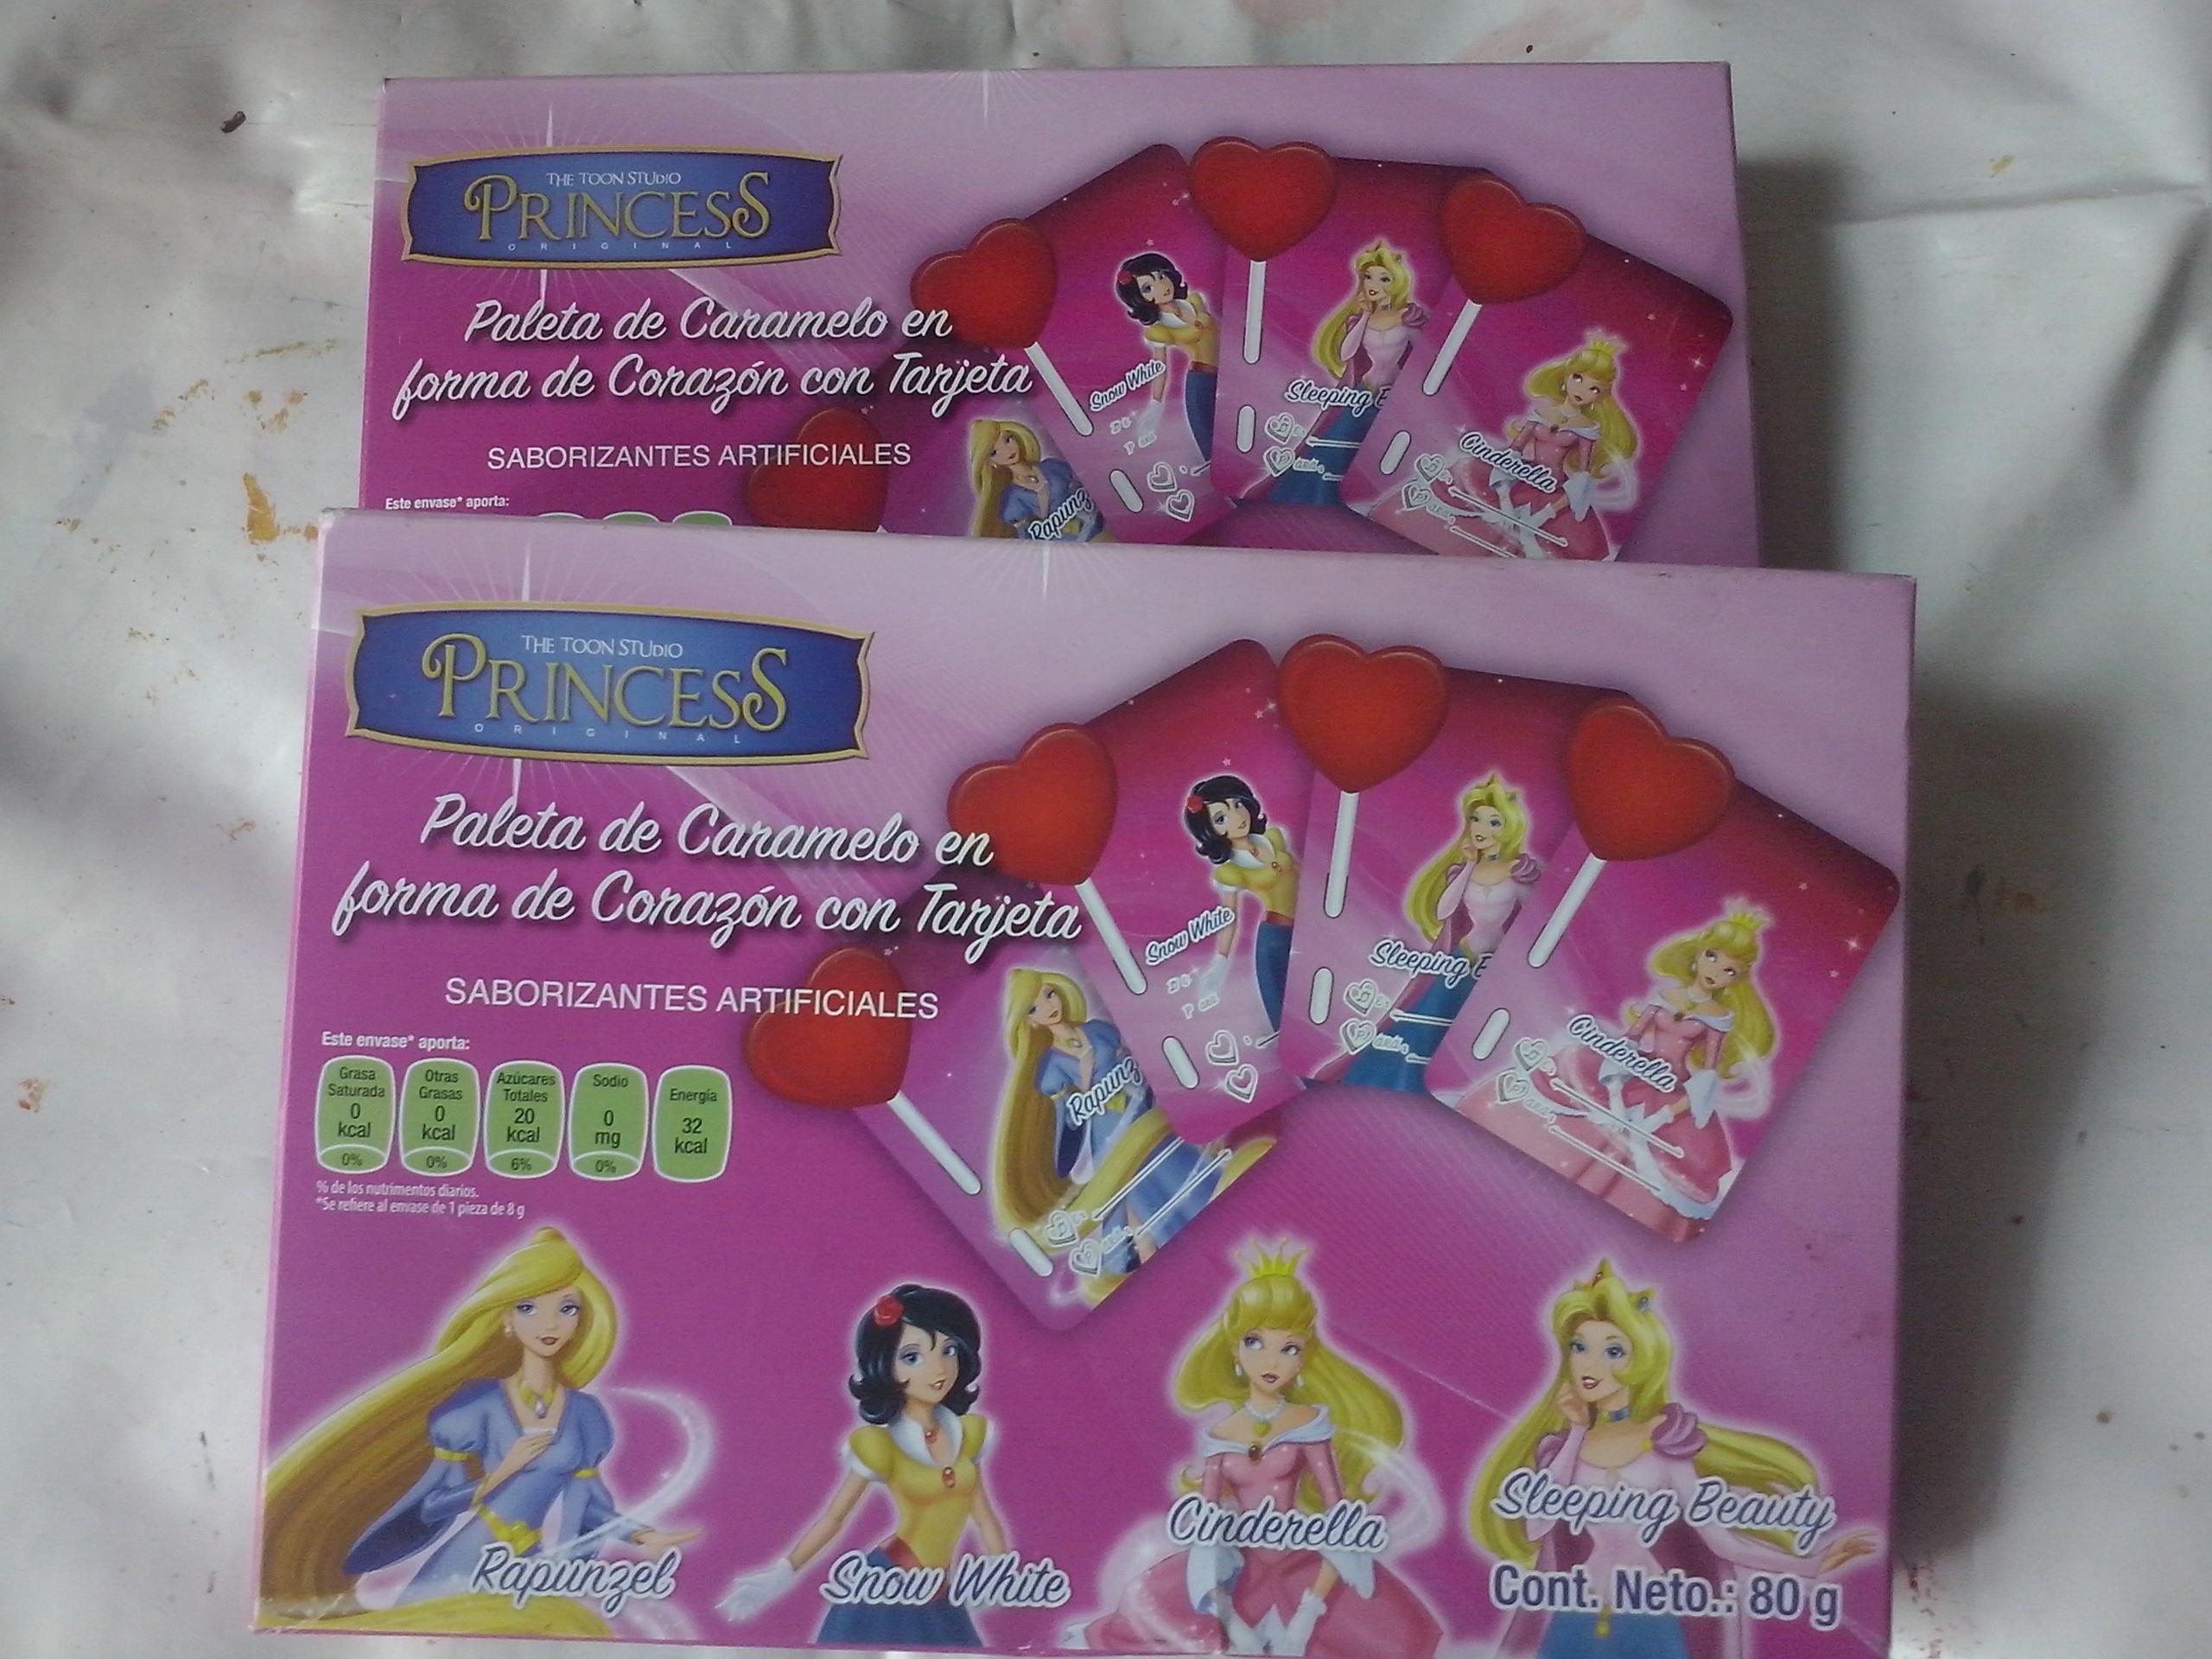 Bodega Aurrerá: Paquete de paletas c/10 pzs a $1.00